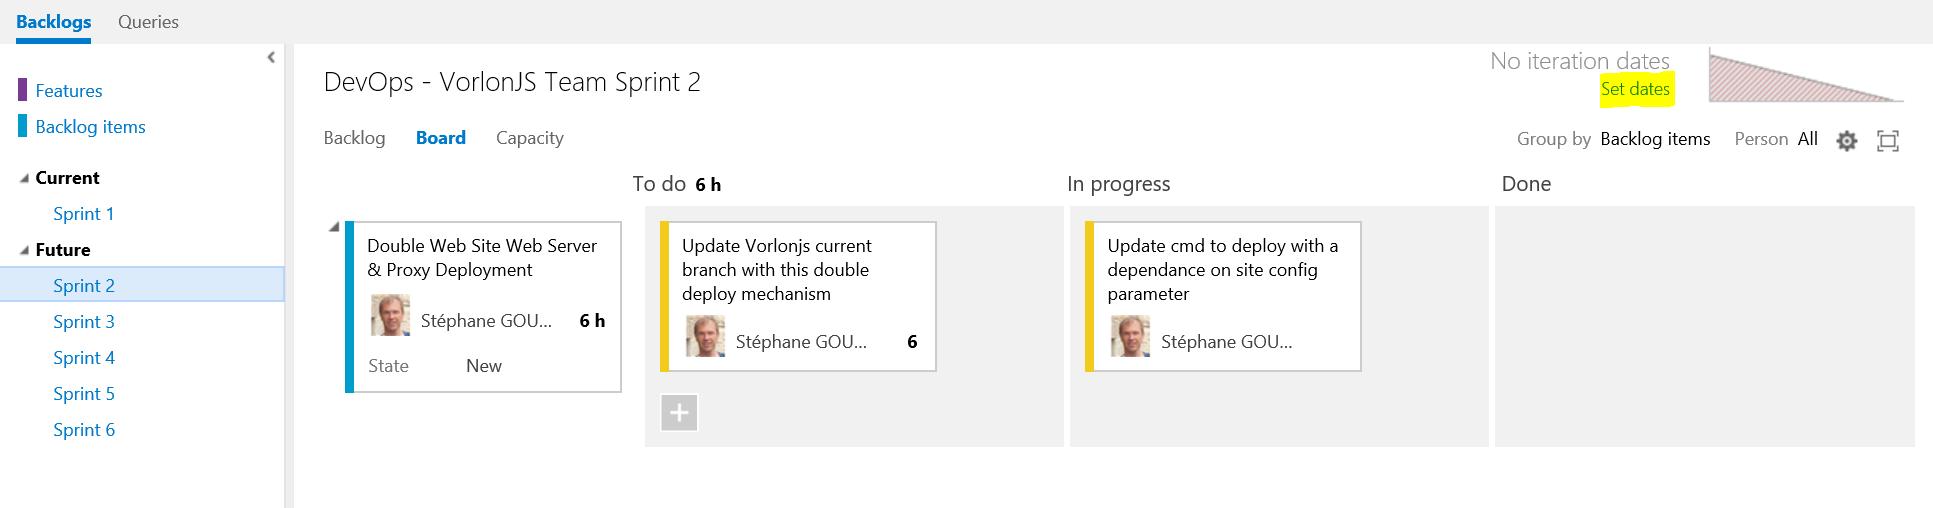 Как мы внедряли DevOps: планирование и управление проектами с помощью Visual Studio Team Services - 7